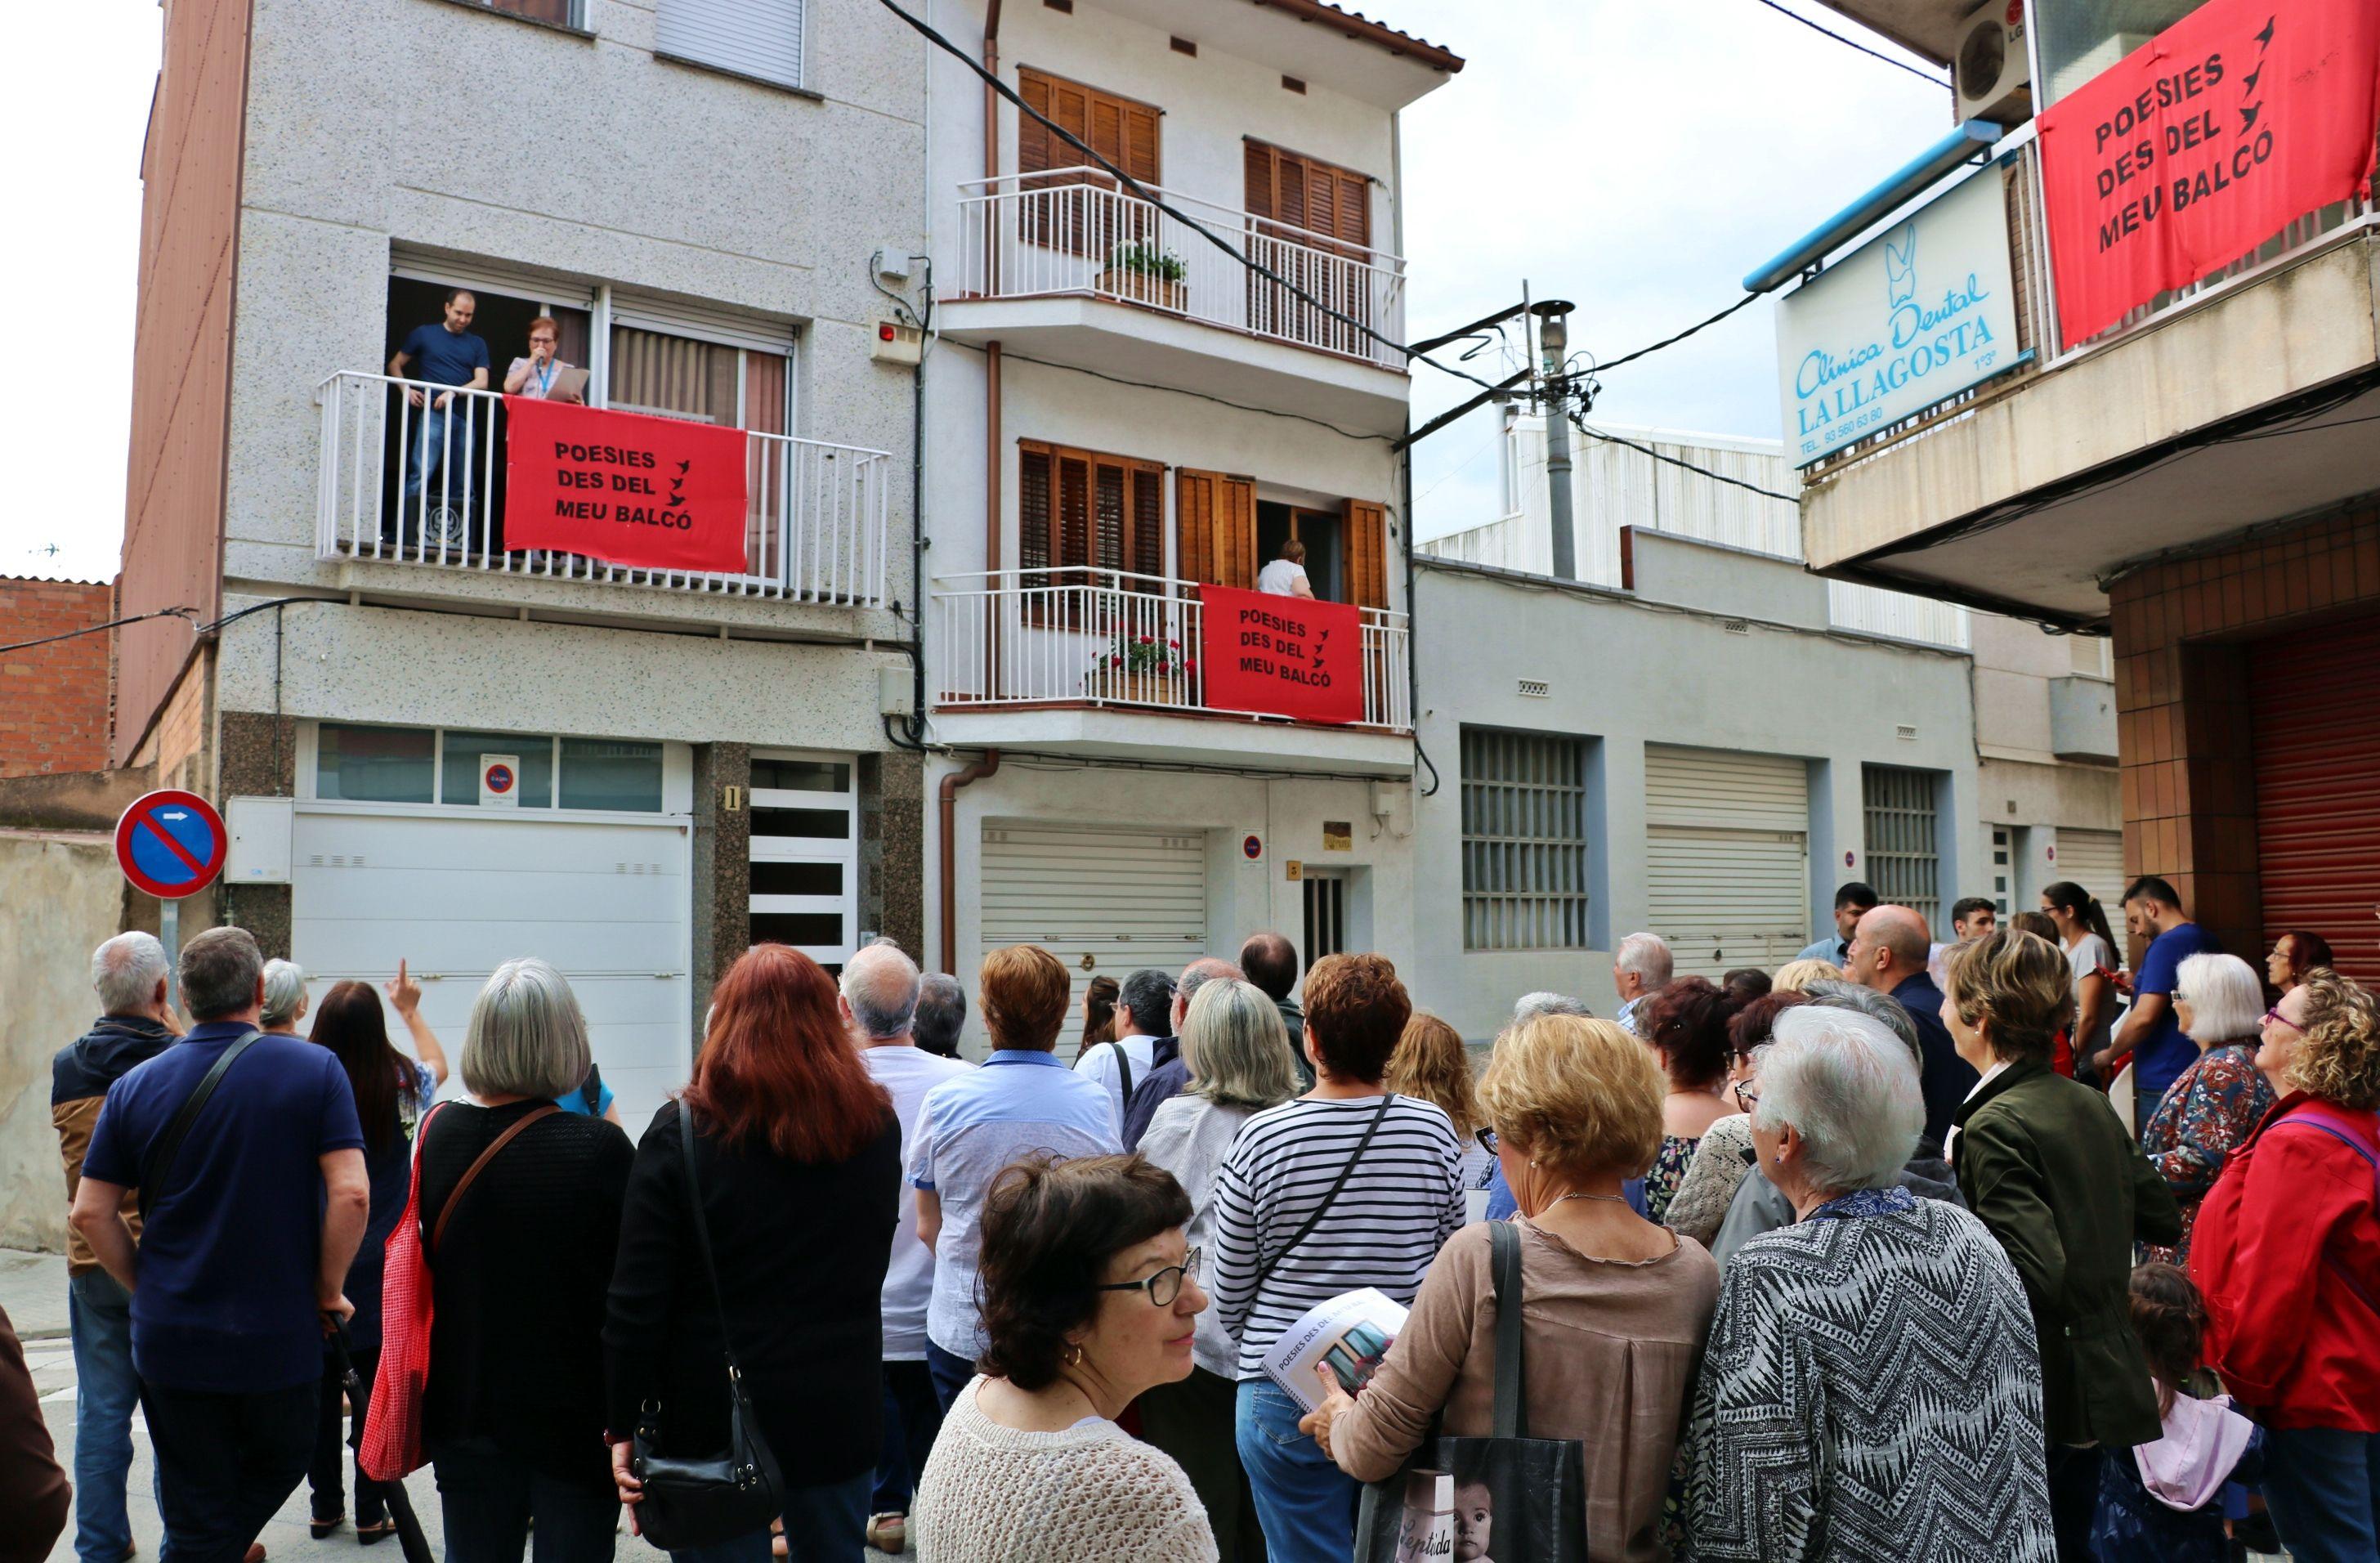 La segona edició de Poesies des del meu balcó va tenir ahir dimarts una molt bona acollida